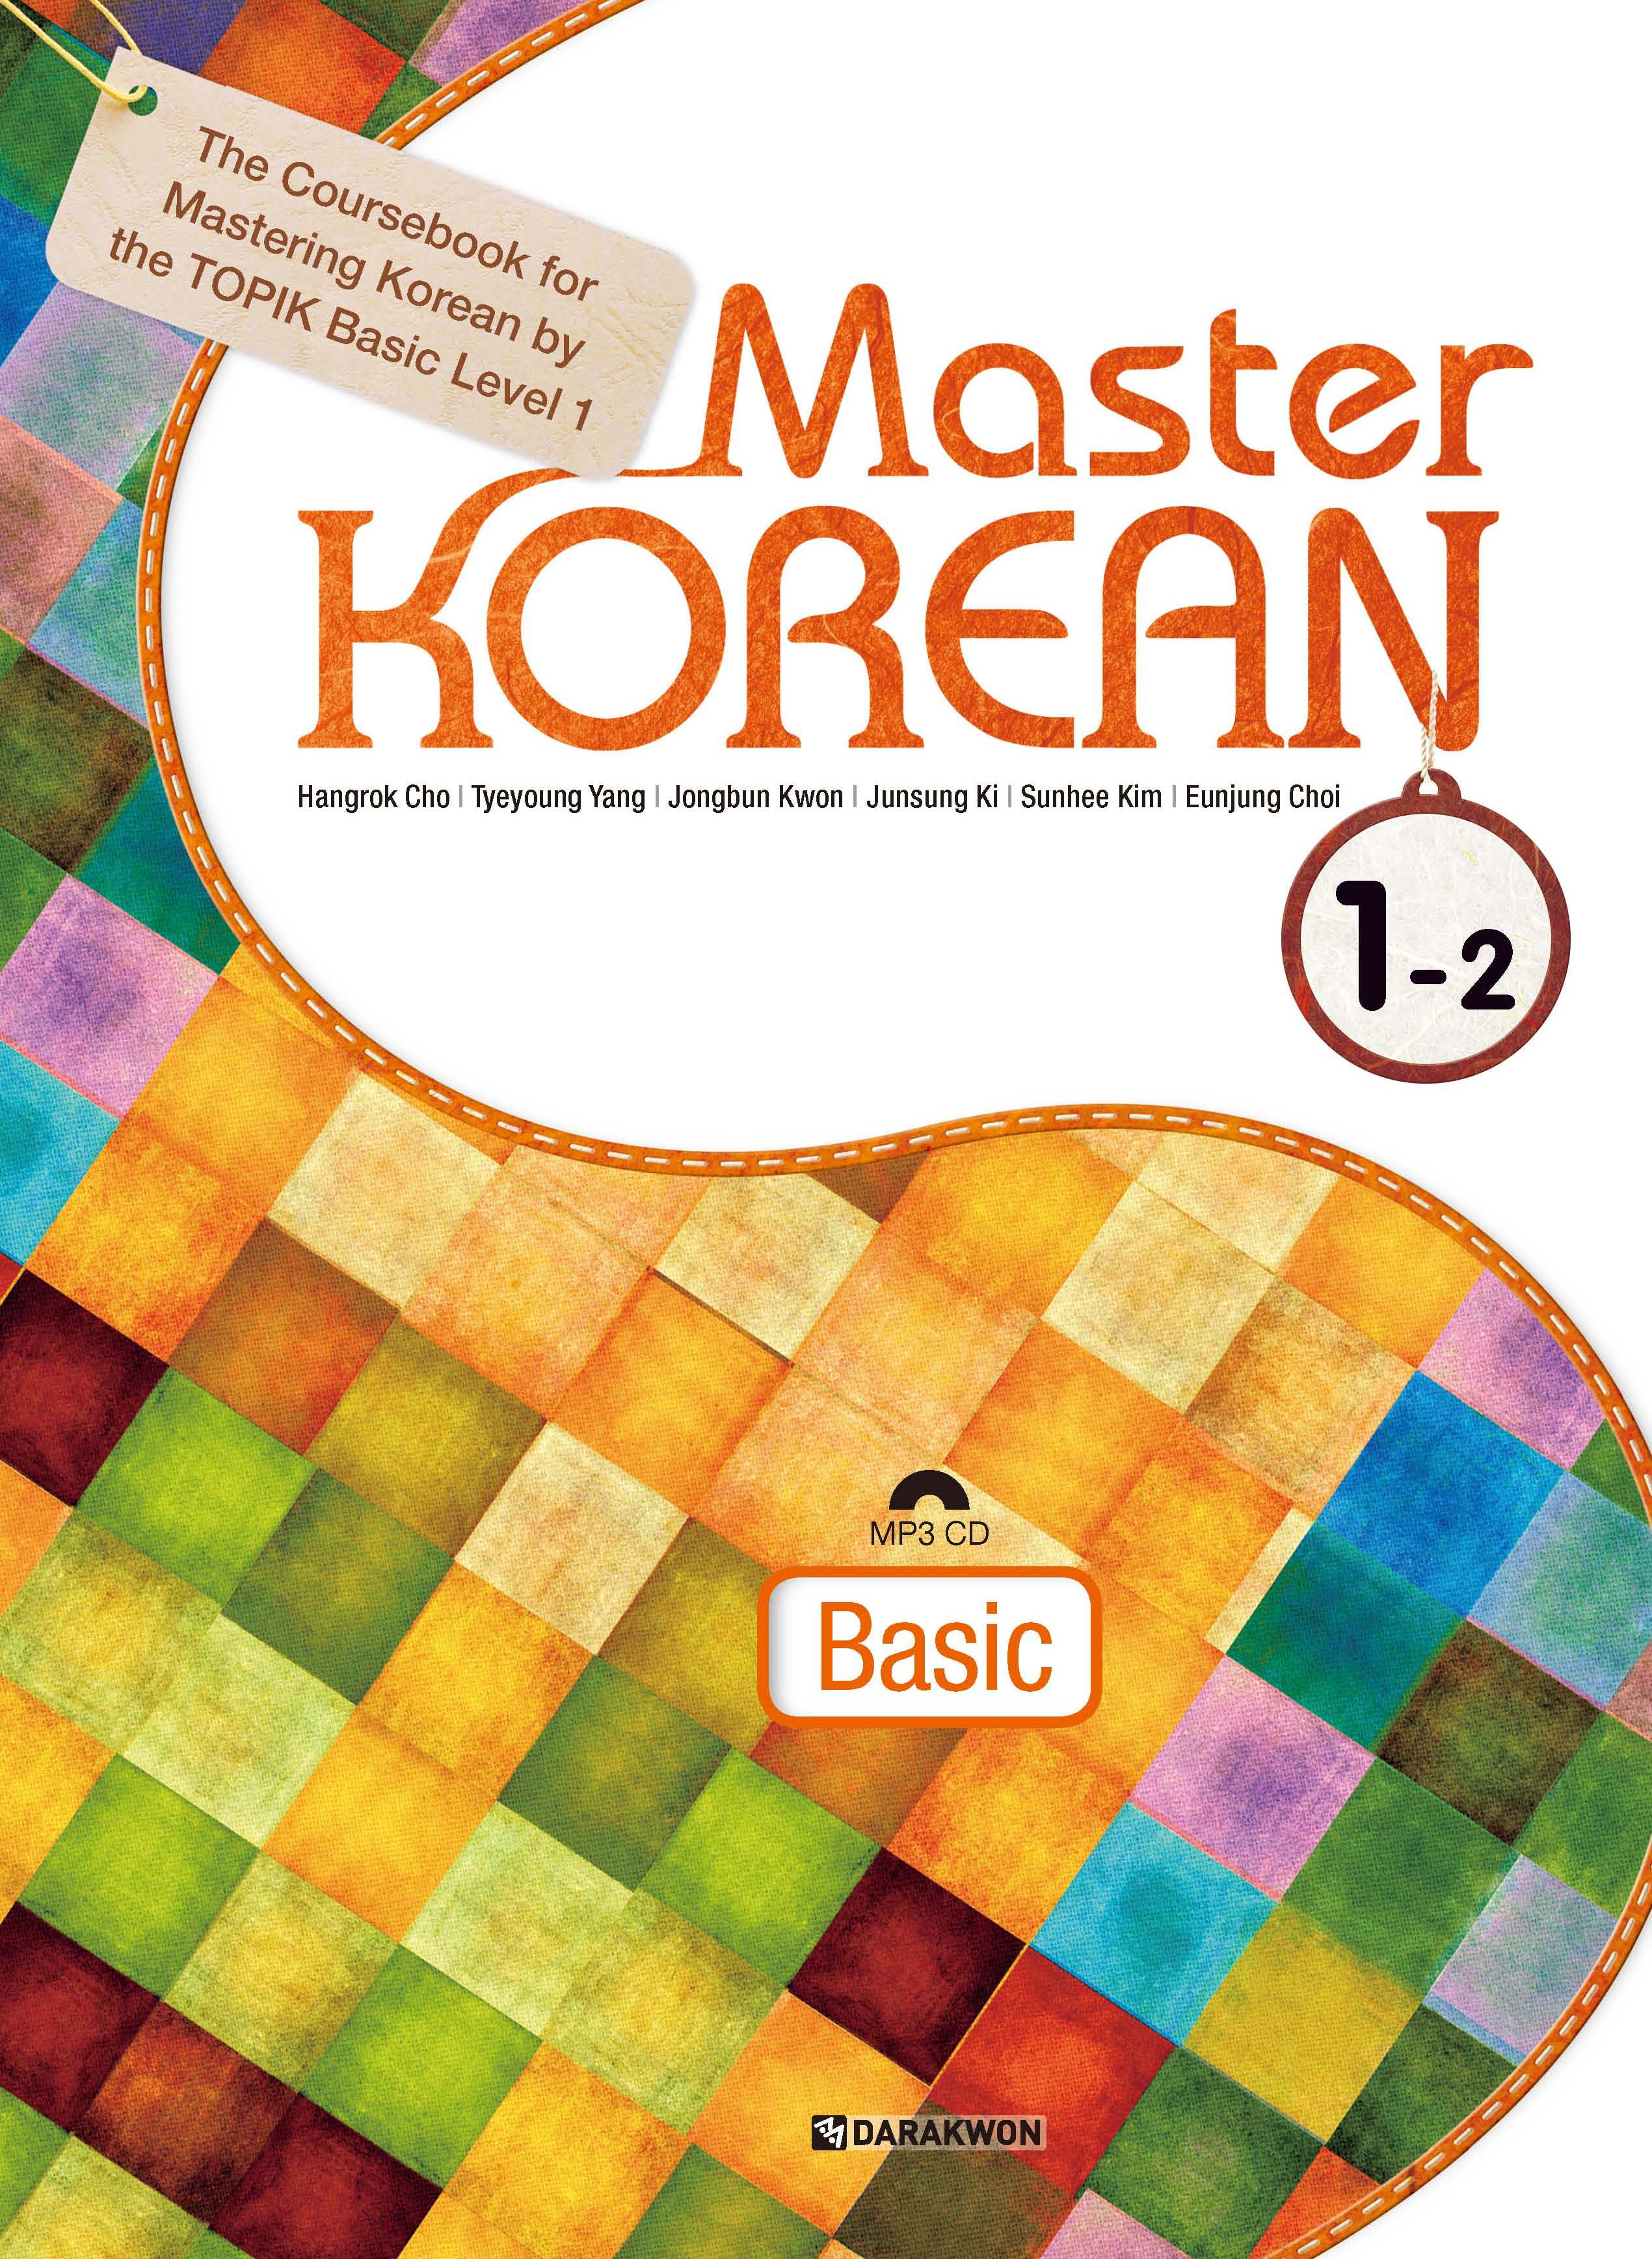 [Master KOREAN] Master KOREAN 1-2 Basic : (영어판)